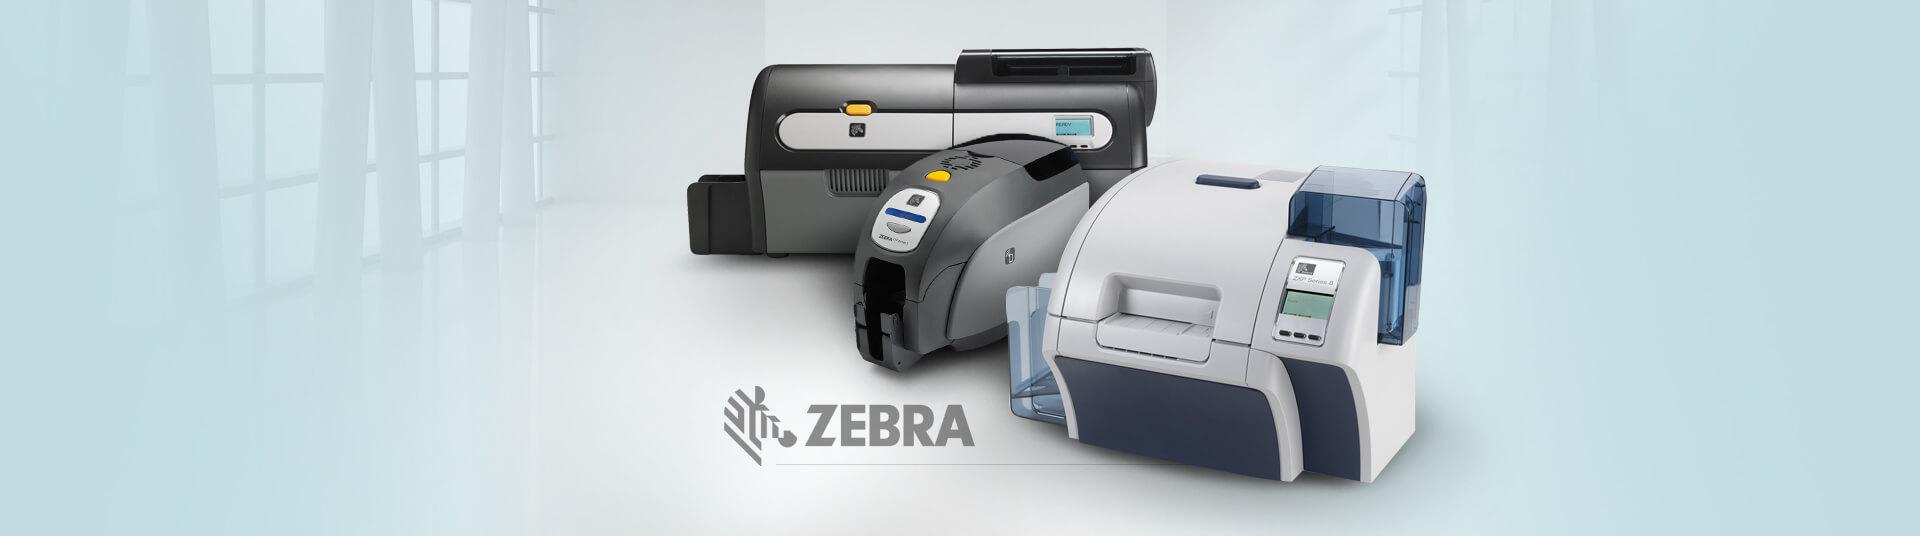 Zebra P310 and Zebra P420